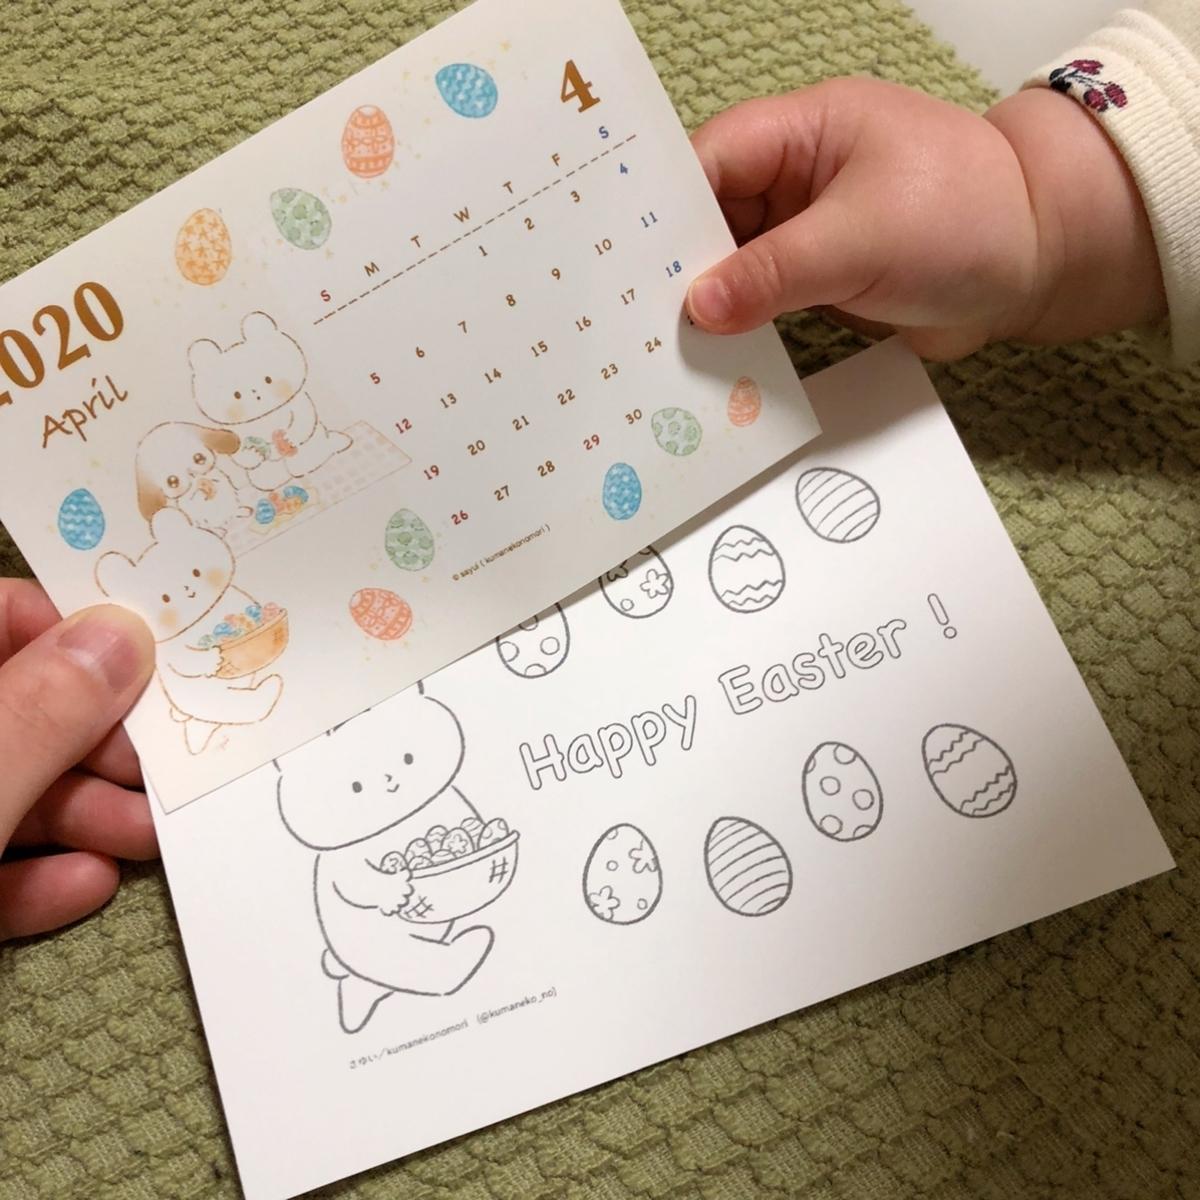 セブンイレブンネットプリント「4月のカレンダーとぬりえ」